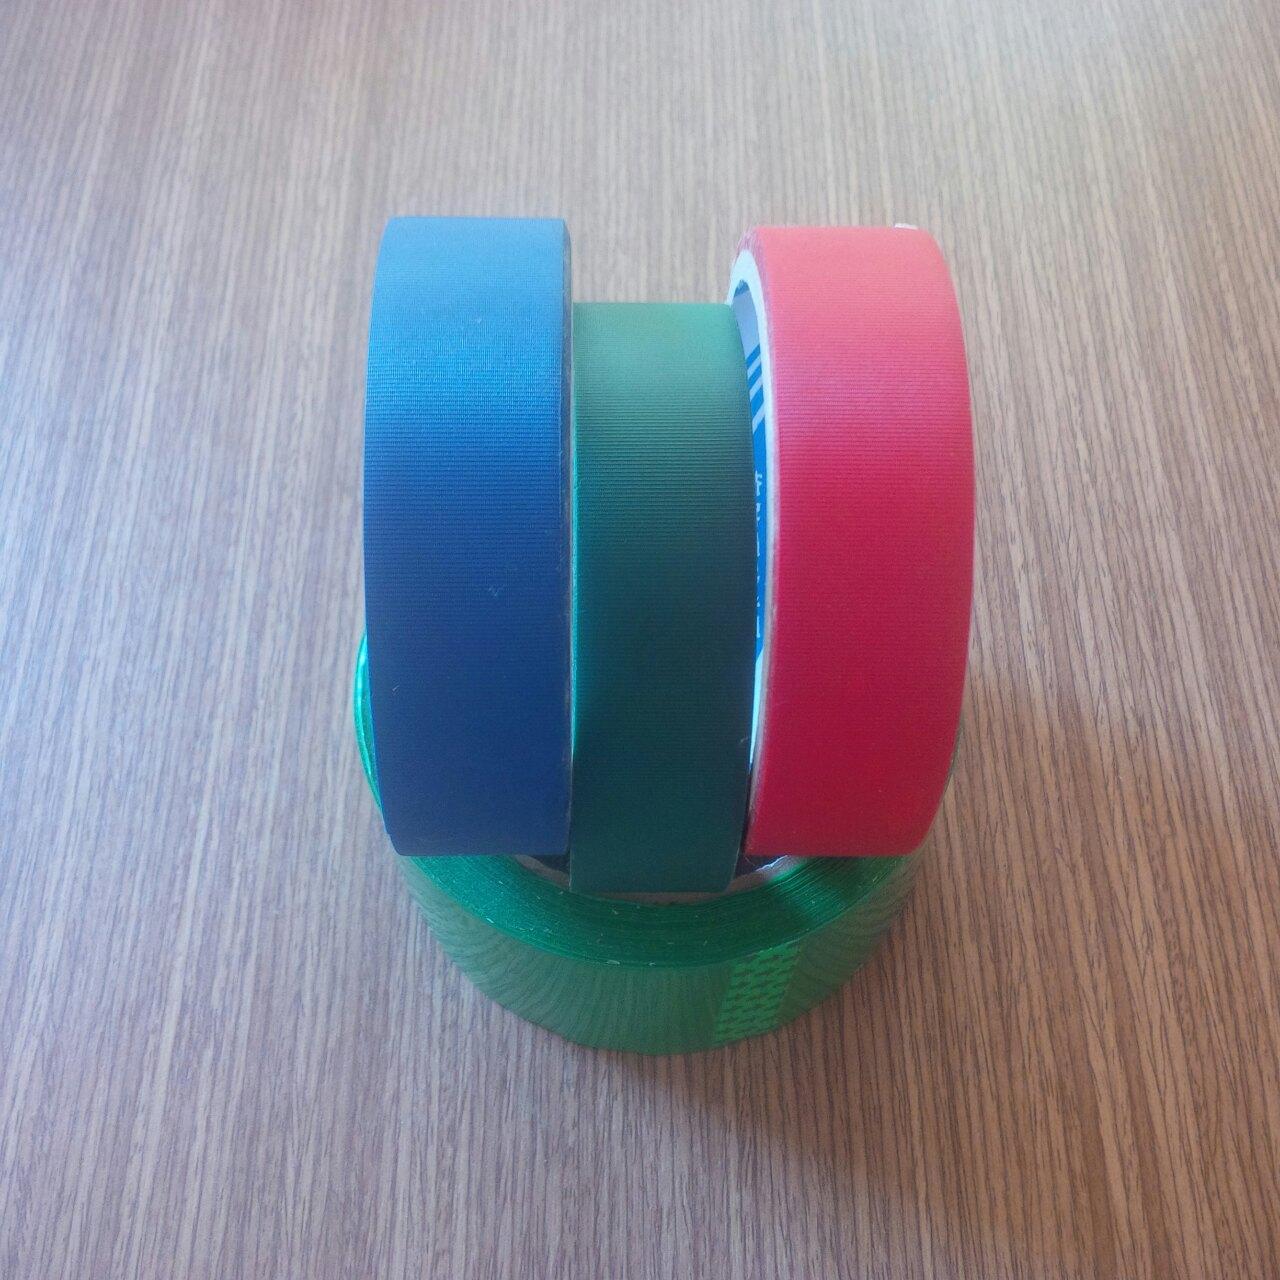 bang-keo-simili-bang-keo-mau-gia-si-tot-nhat-01